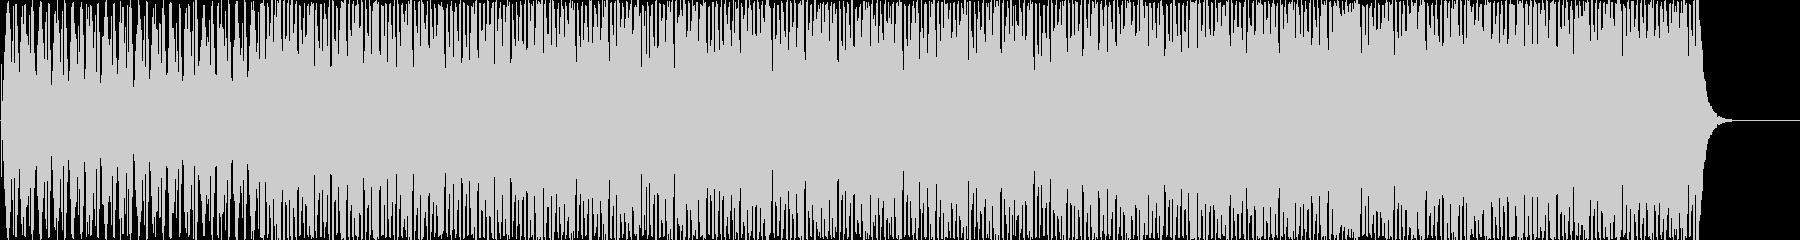 チルアウト系BGMの未再生の波形